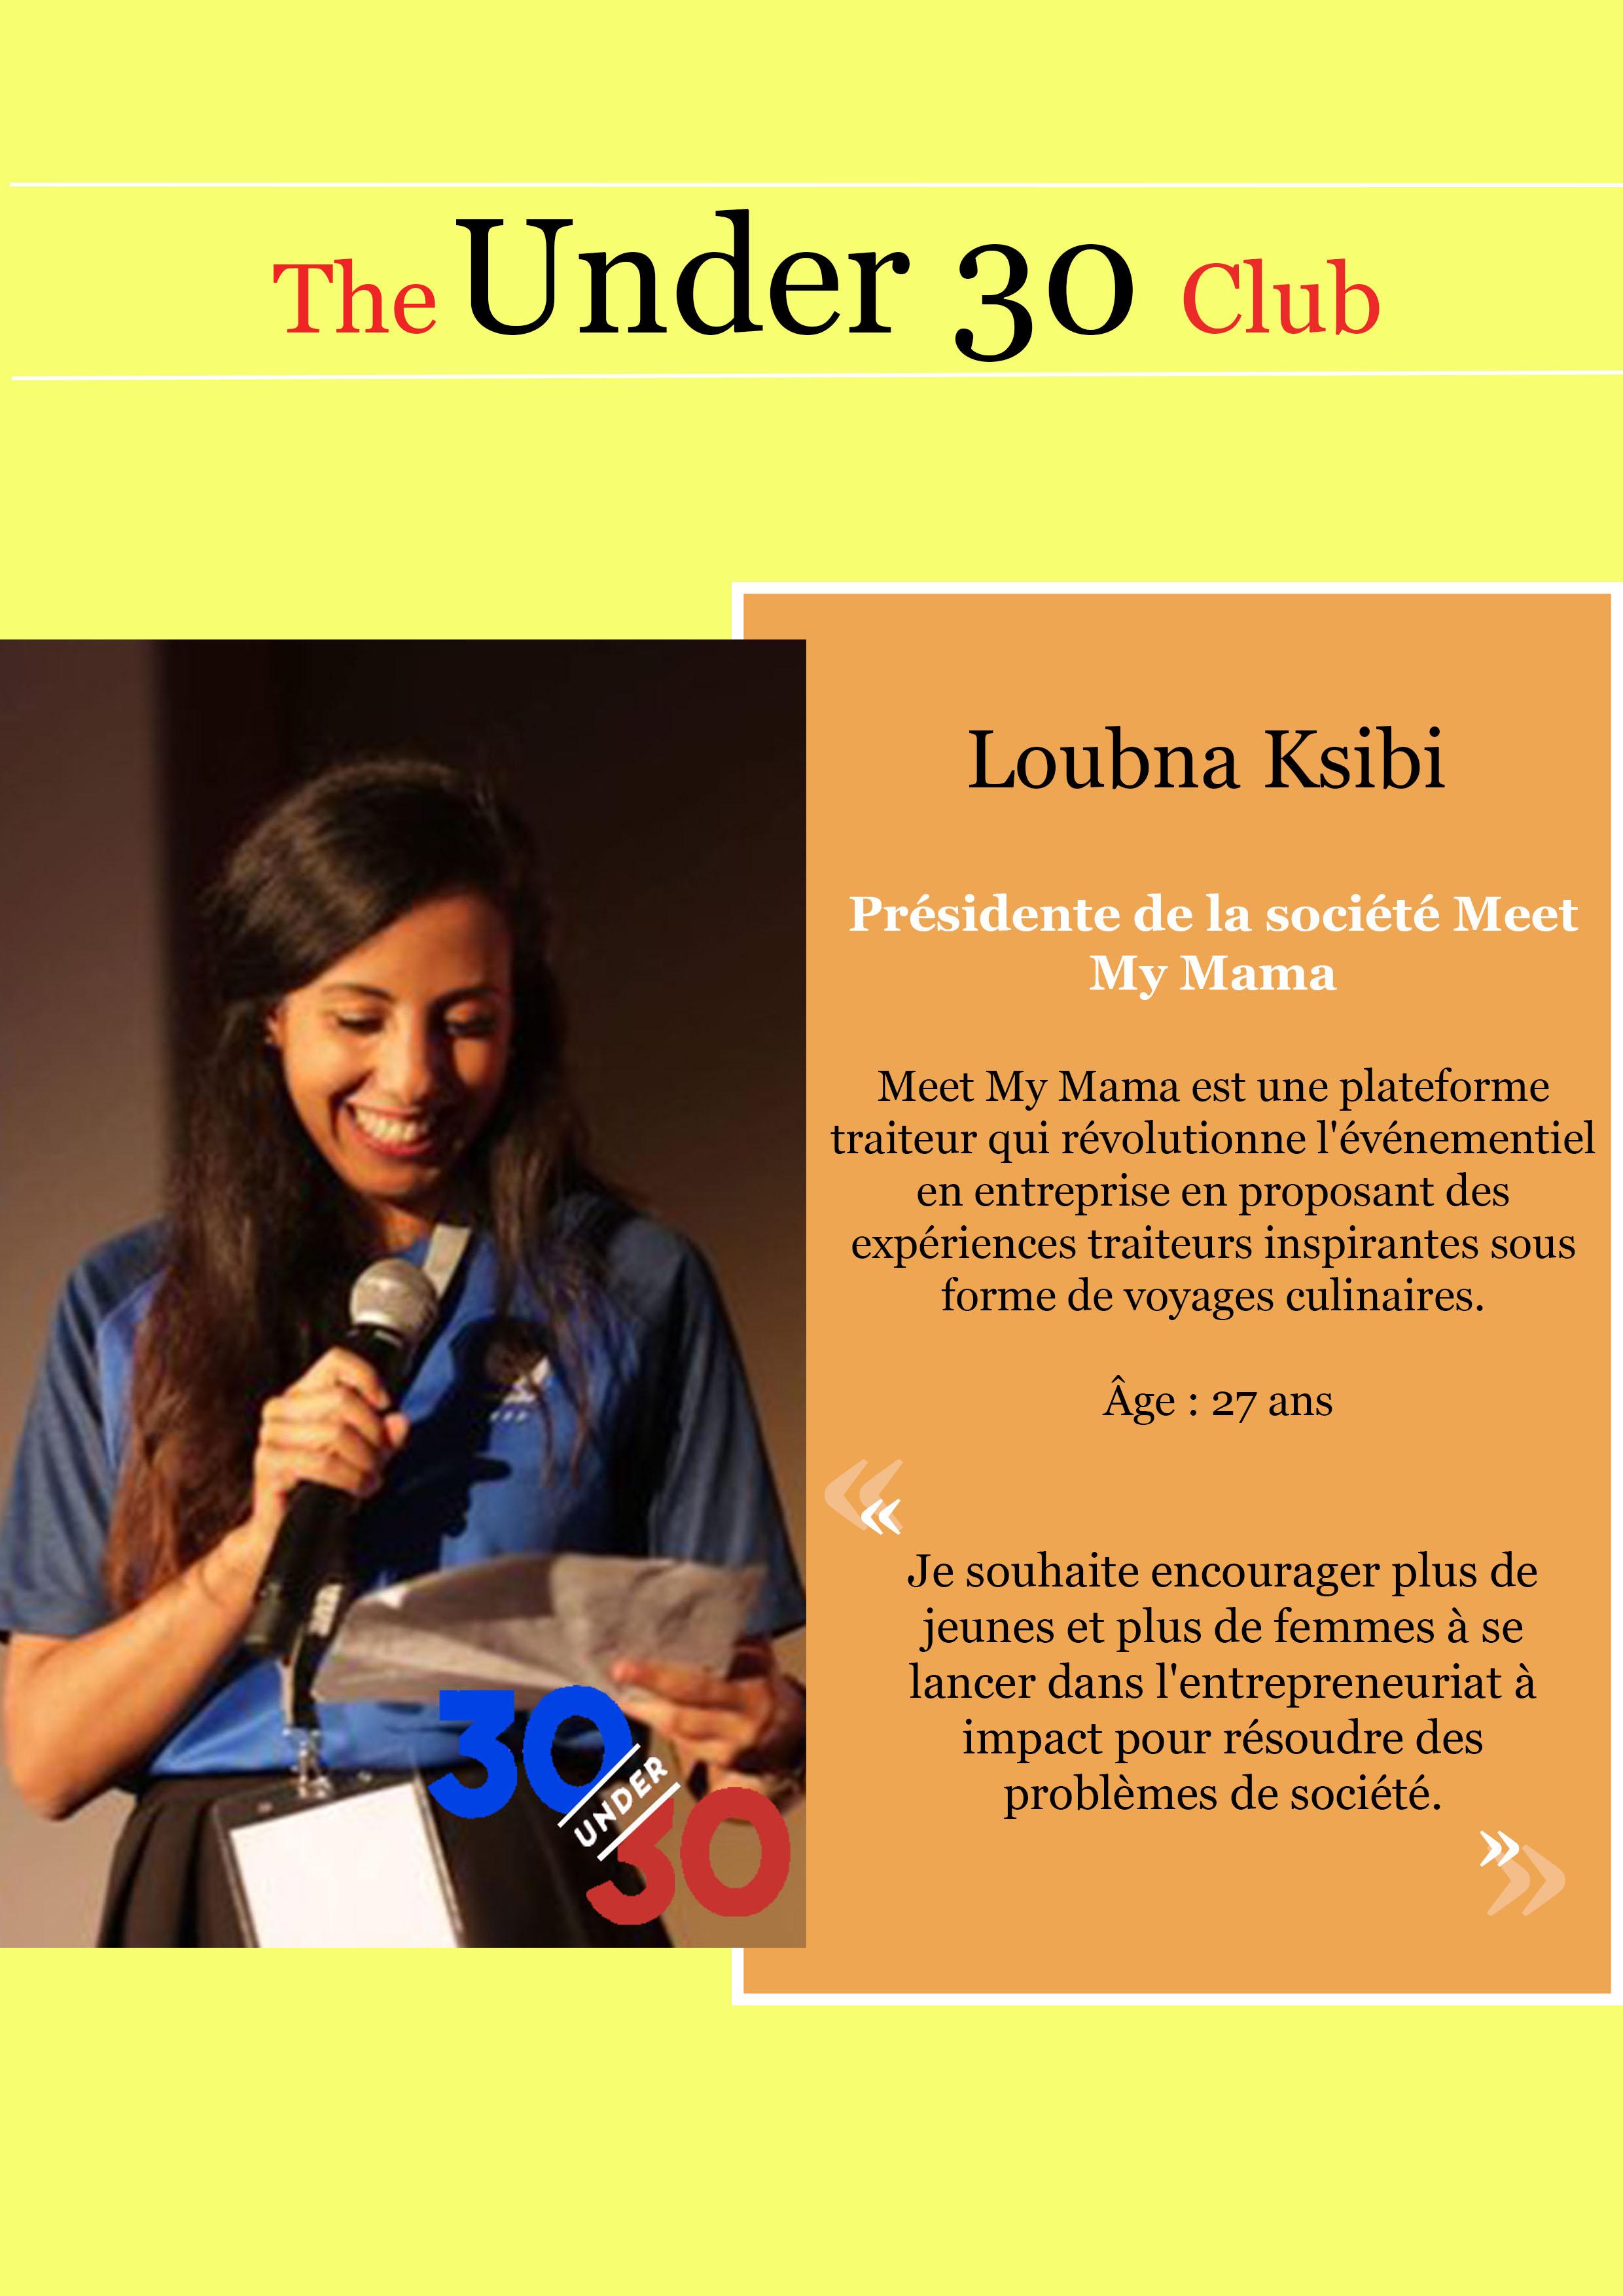 Loubna Ksibi